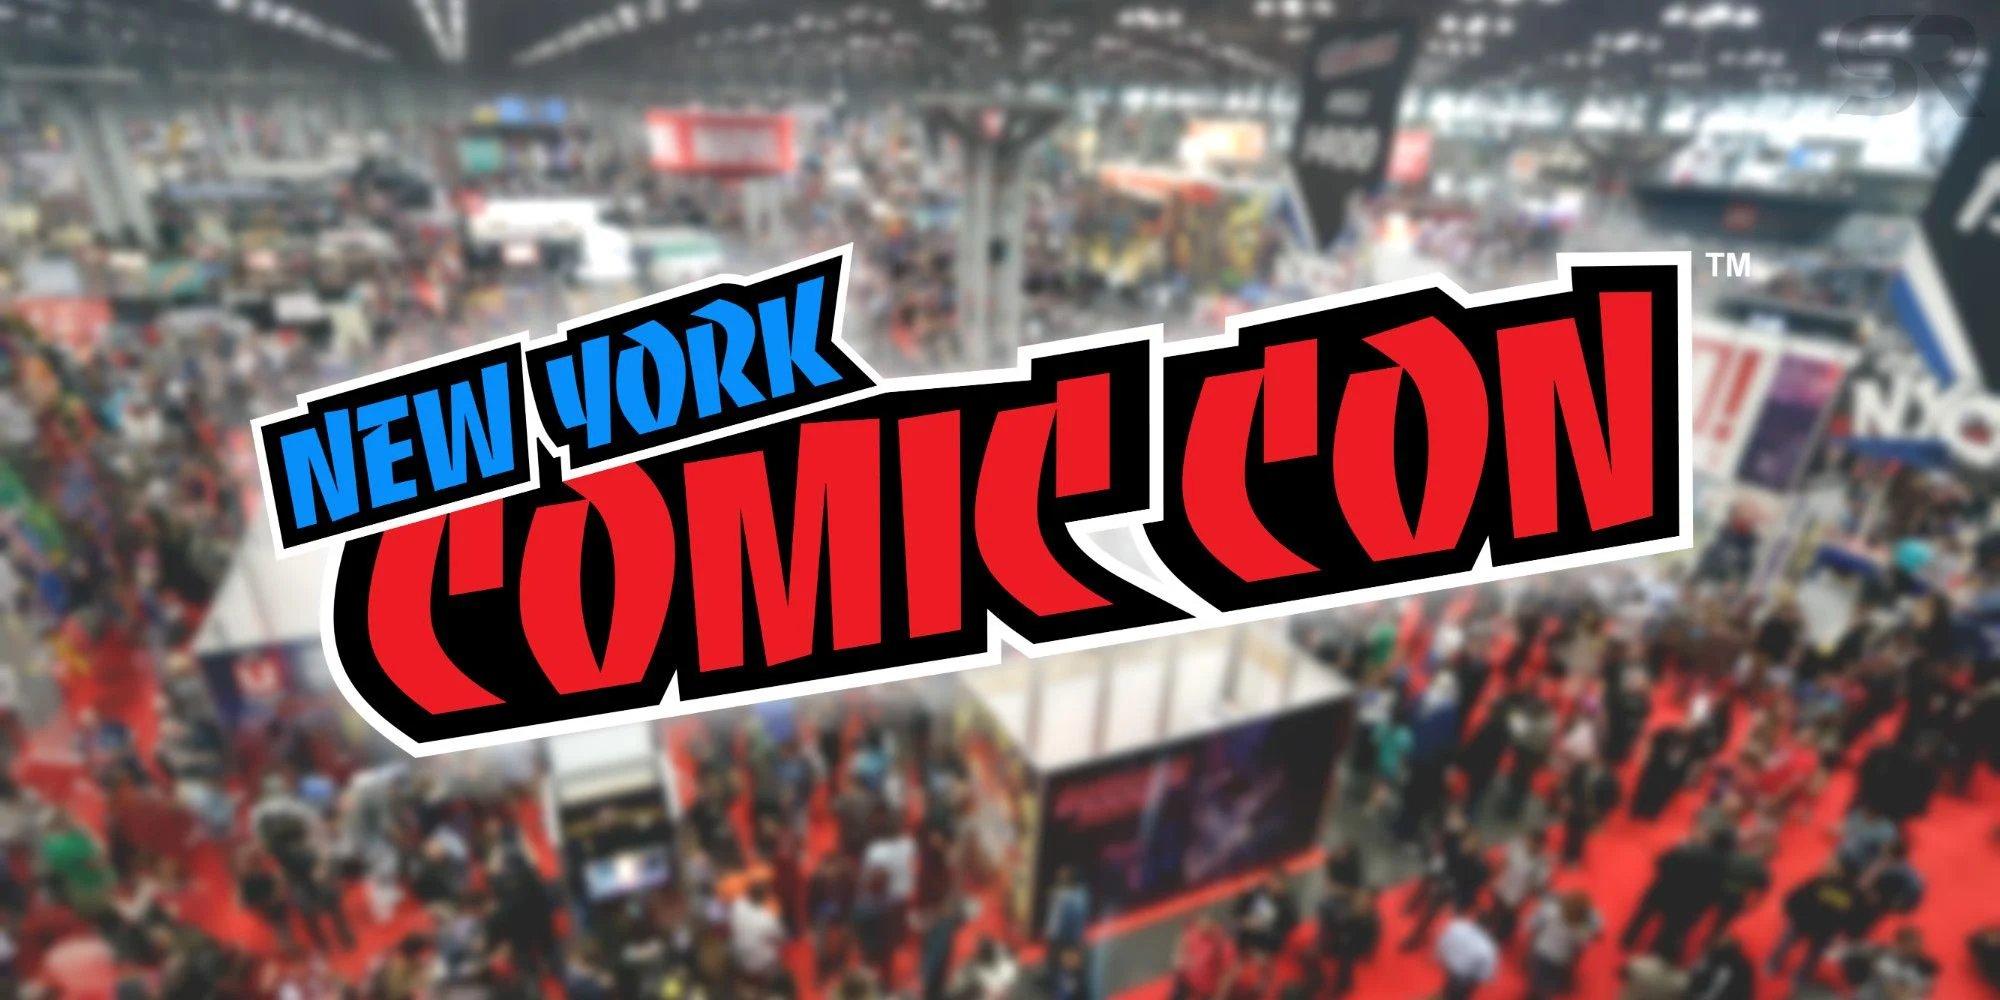 New York Comic Con Online